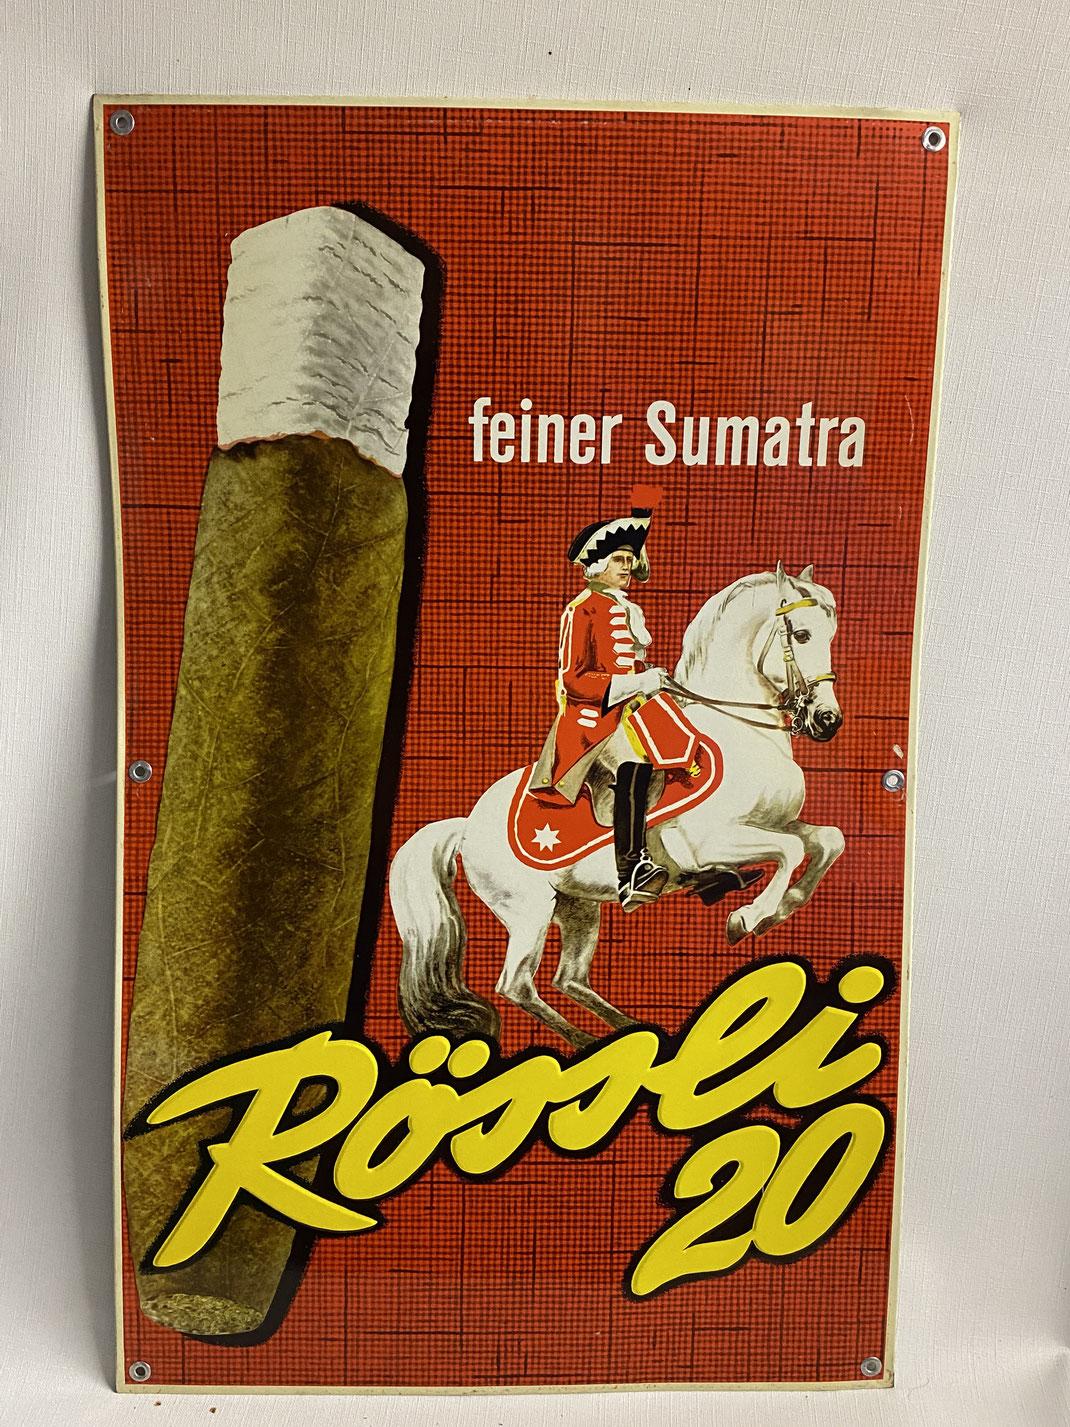 Rössli 20 feiner Sumatra Blechschild aus den 1950er Jahren